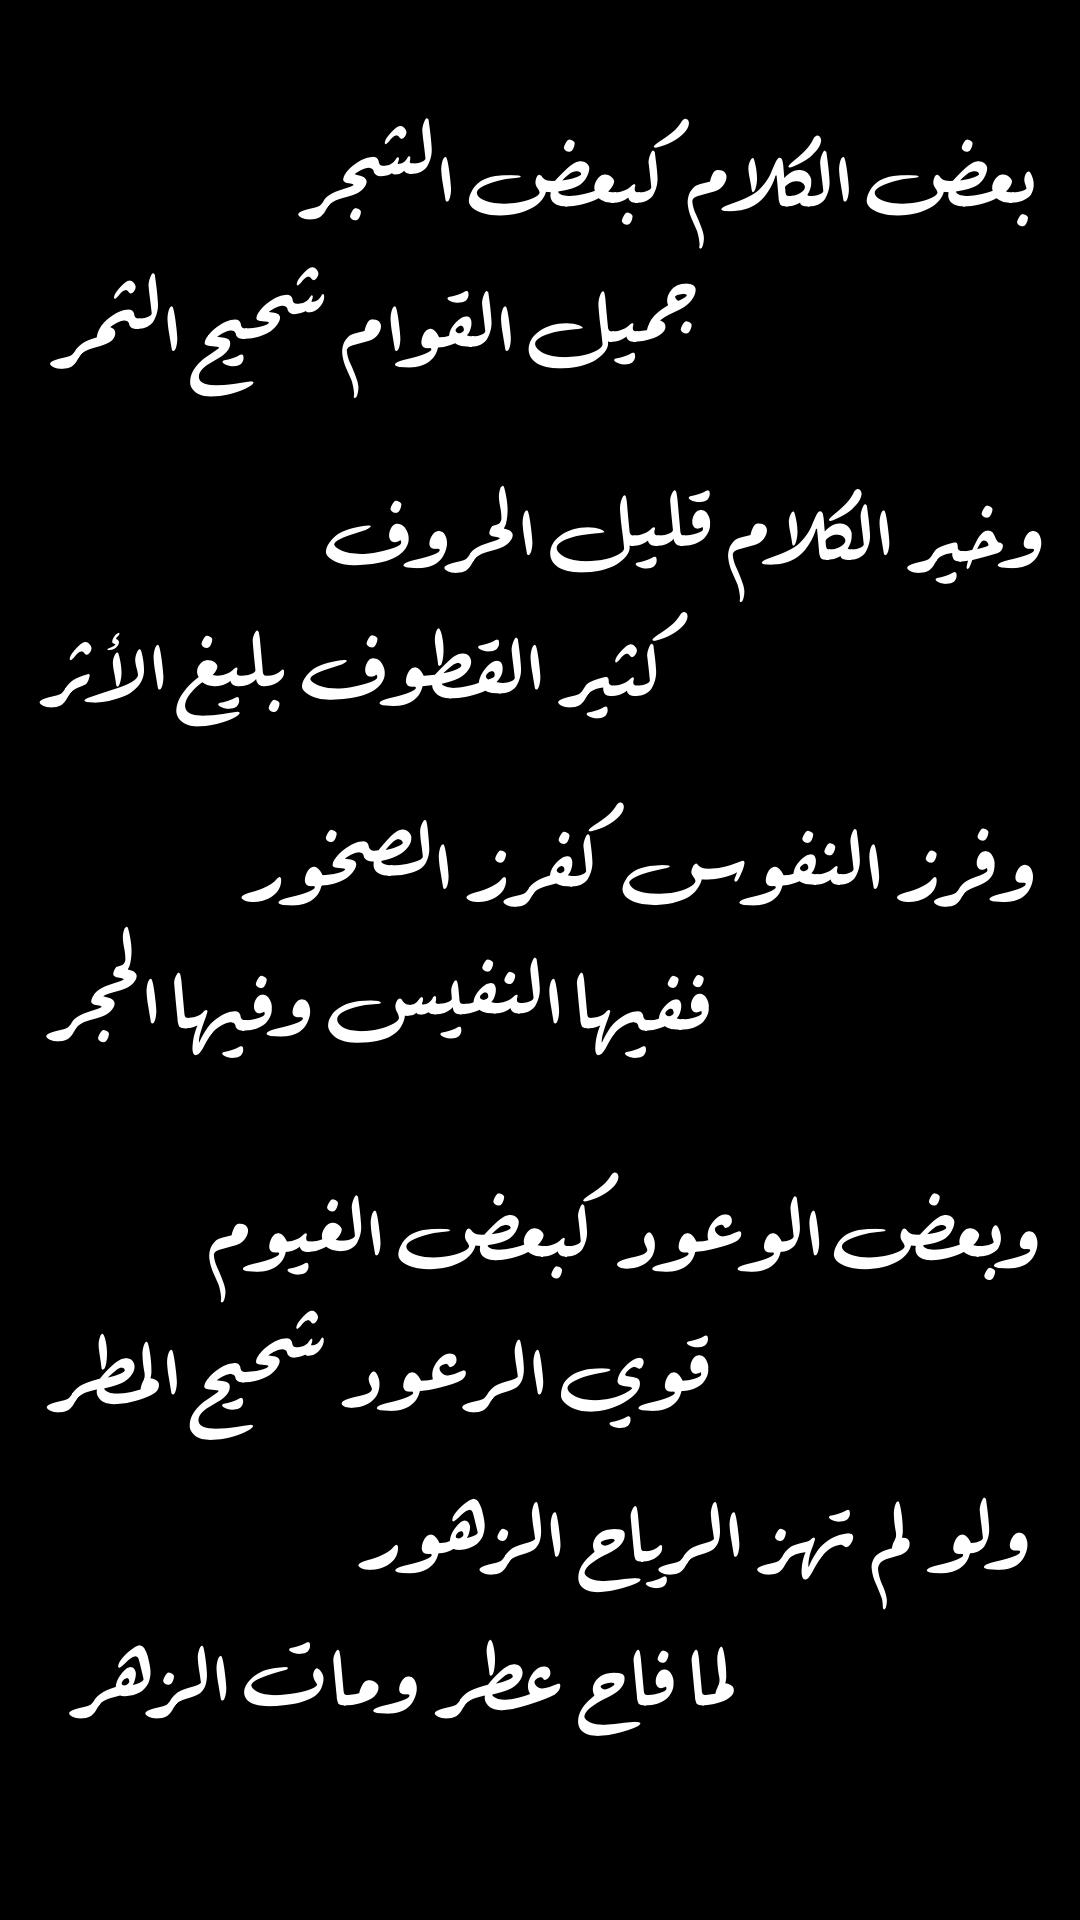 بعض الكلام كبعض الشجر جميل القوام شحيح الثمر Poet Quotes Wisdom Quotes Arabic Poetry